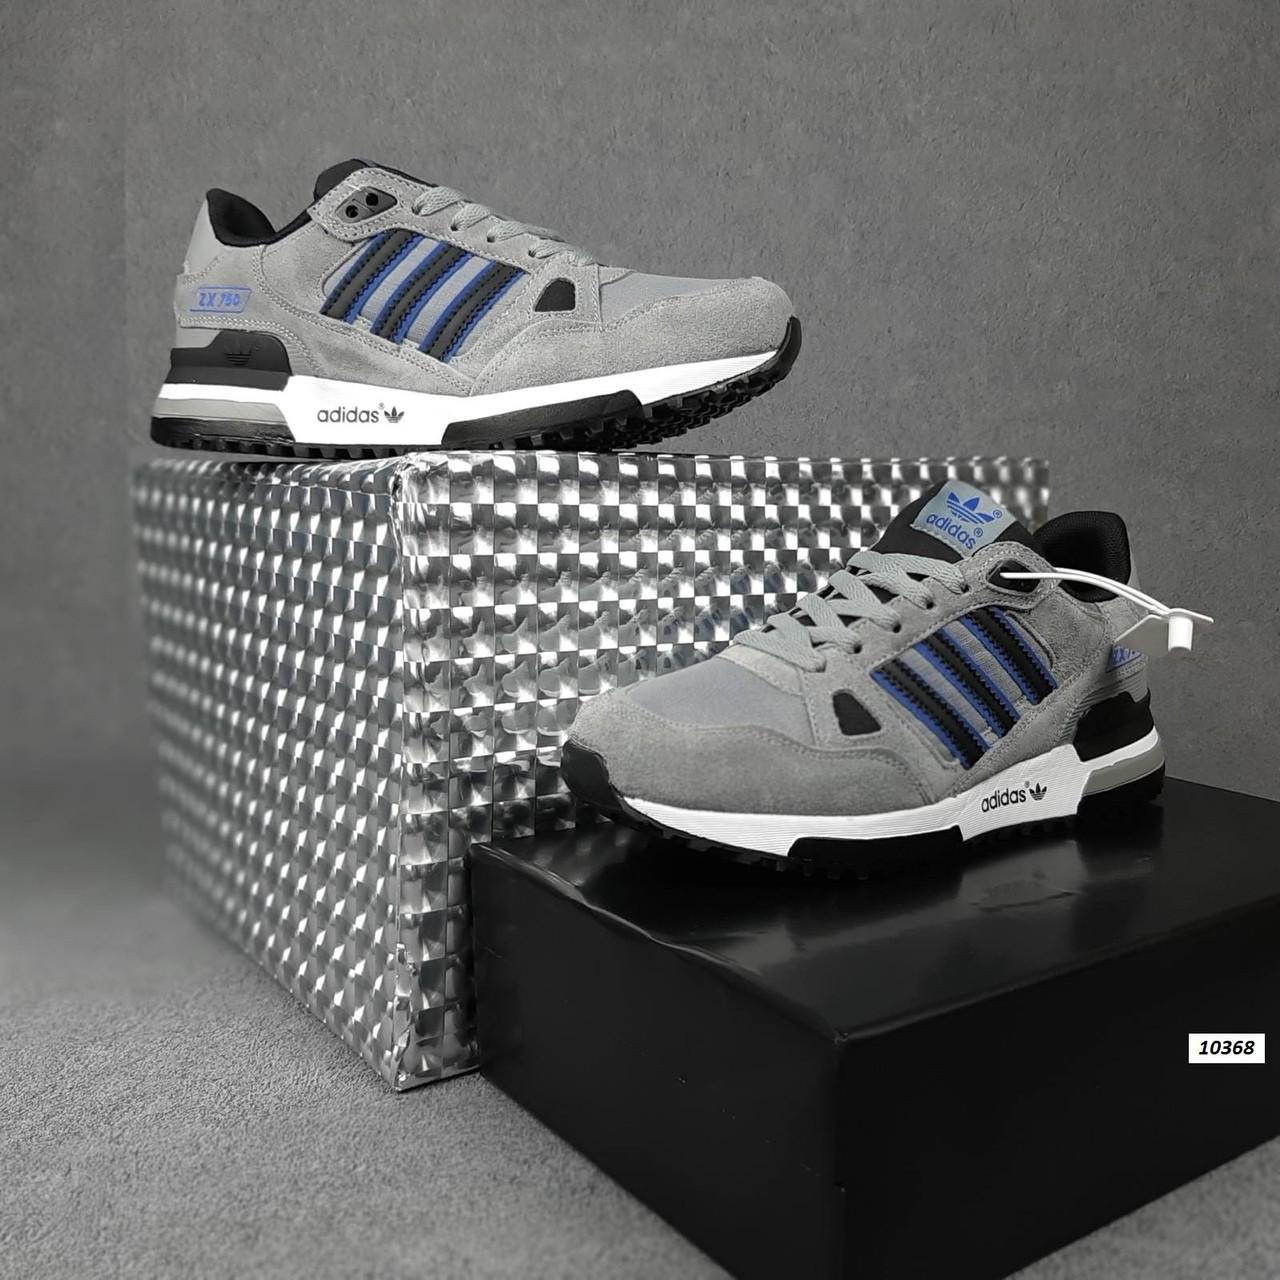 Мужские кроссовки Adidas ZX 750 (серые с синим) 10368 замшевые демисезонные повседневные спортивные кроссы